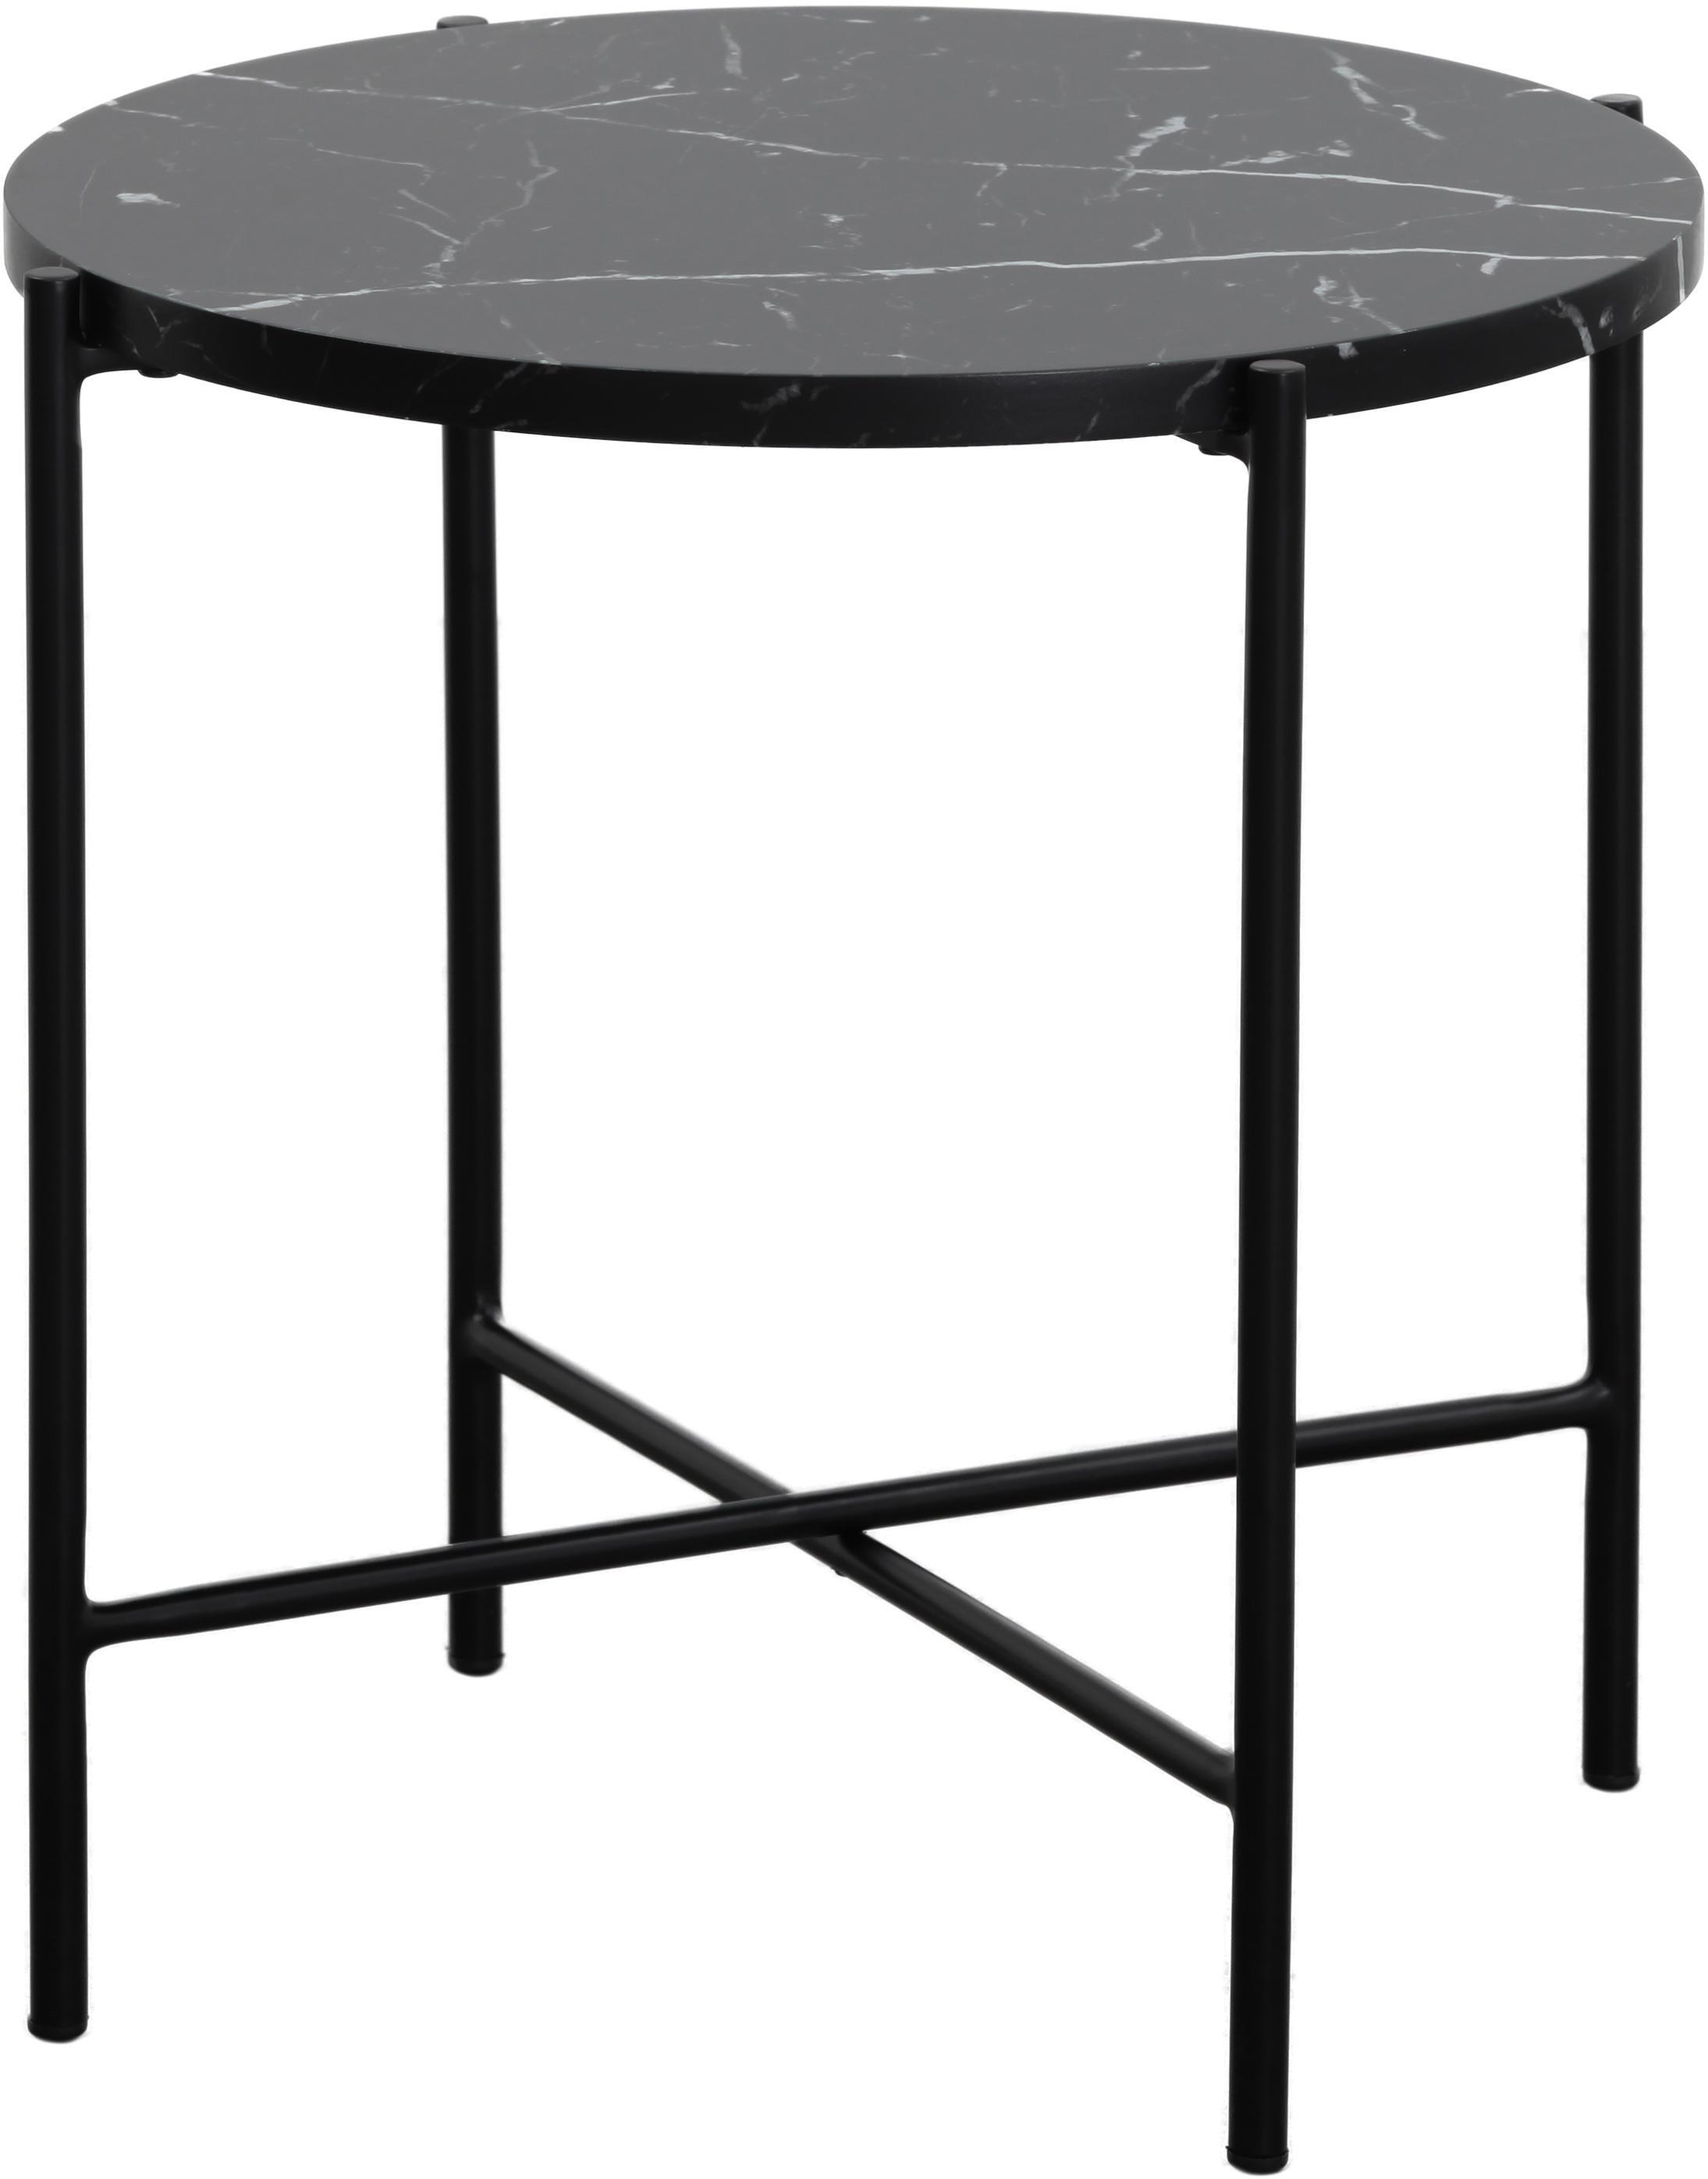 Bijzettafel Fria in marmerlook, Tafelblad: MDF, gecoat met gelakt pa, Frame: gepoedercoat metaal, Tafelblad: mat zwart, gemarmerd. Frame: mat zwart, Ø 45 x H 46 cm